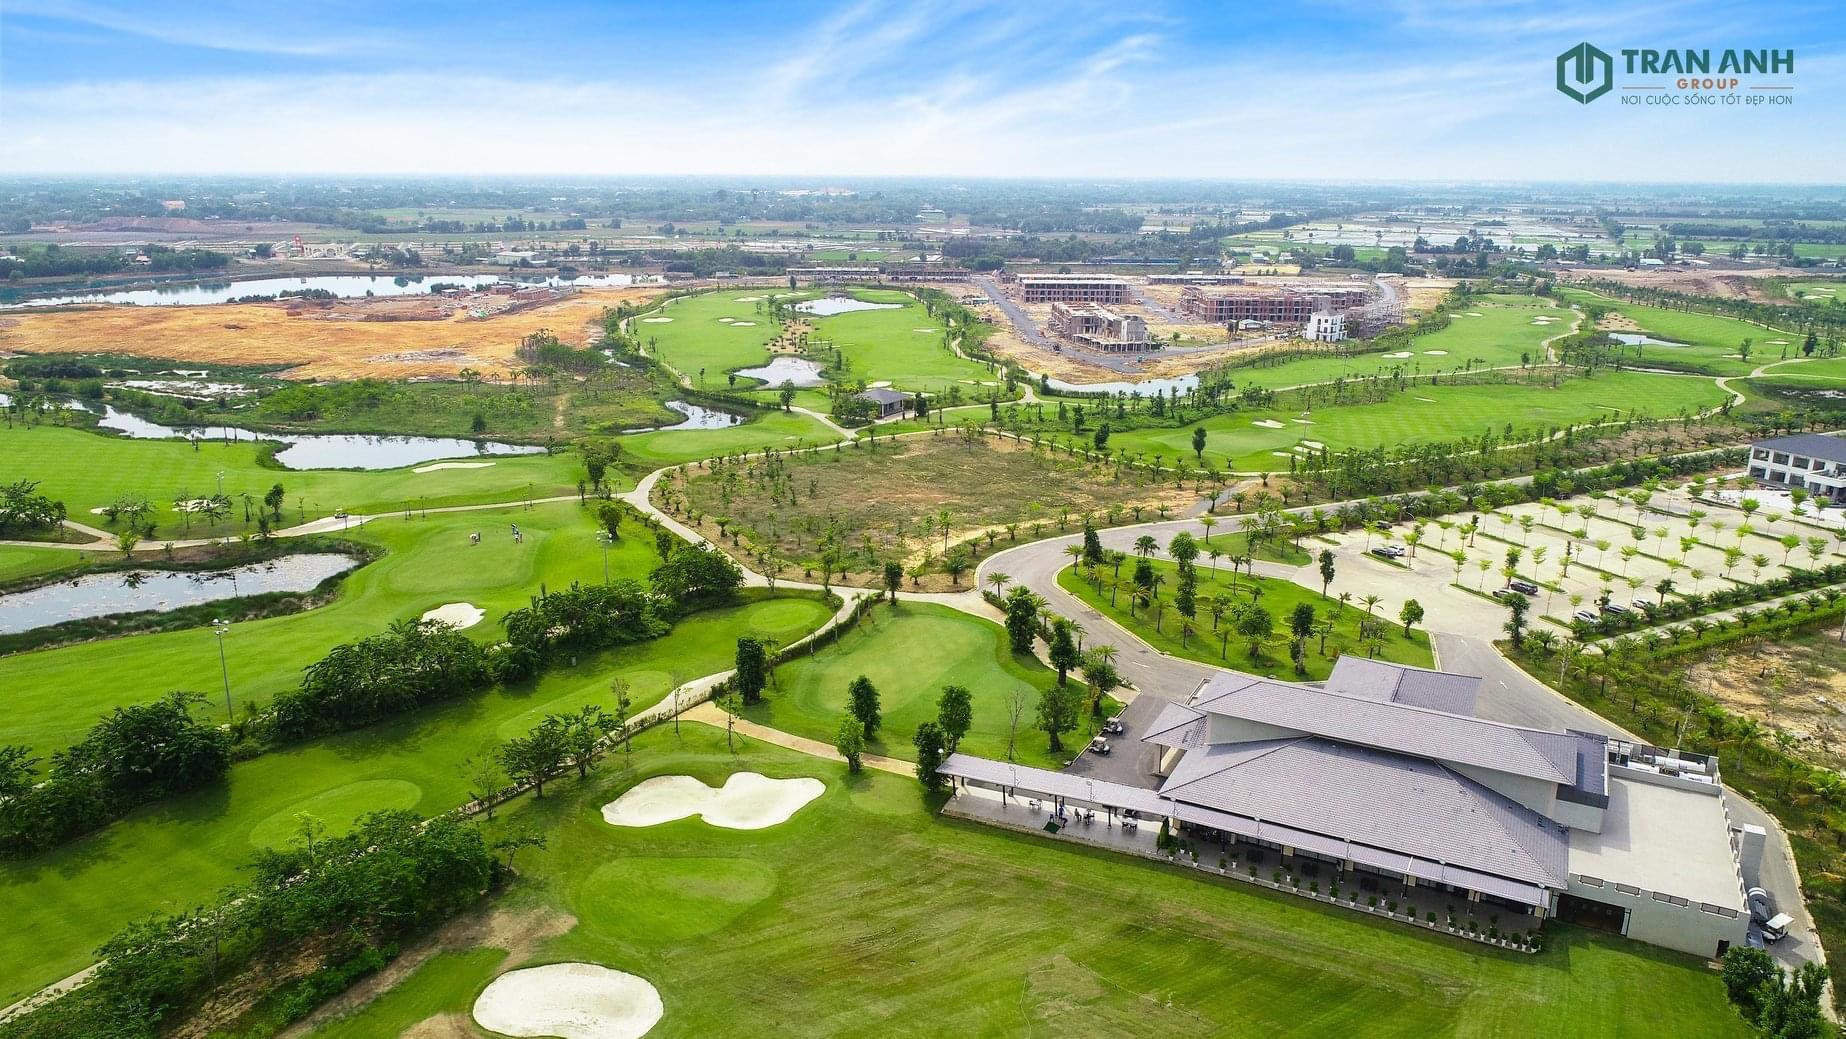 Biệt thự West Lakes Golf & Villas - Khu đô thị biệt thự sân golf bậc nhất Long An